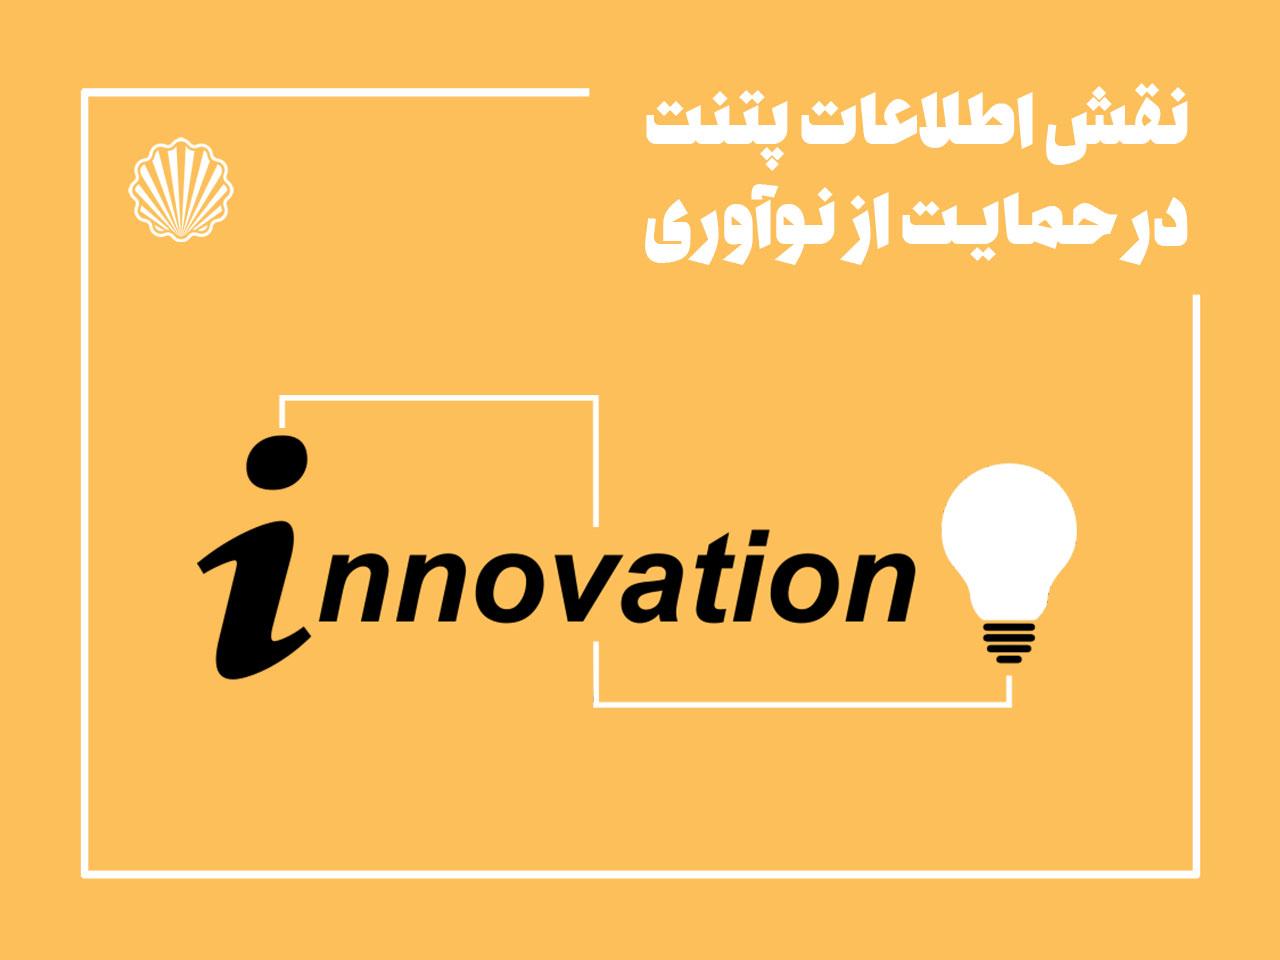 نقش اطلاعات پتنت در حمایت از نوآوری